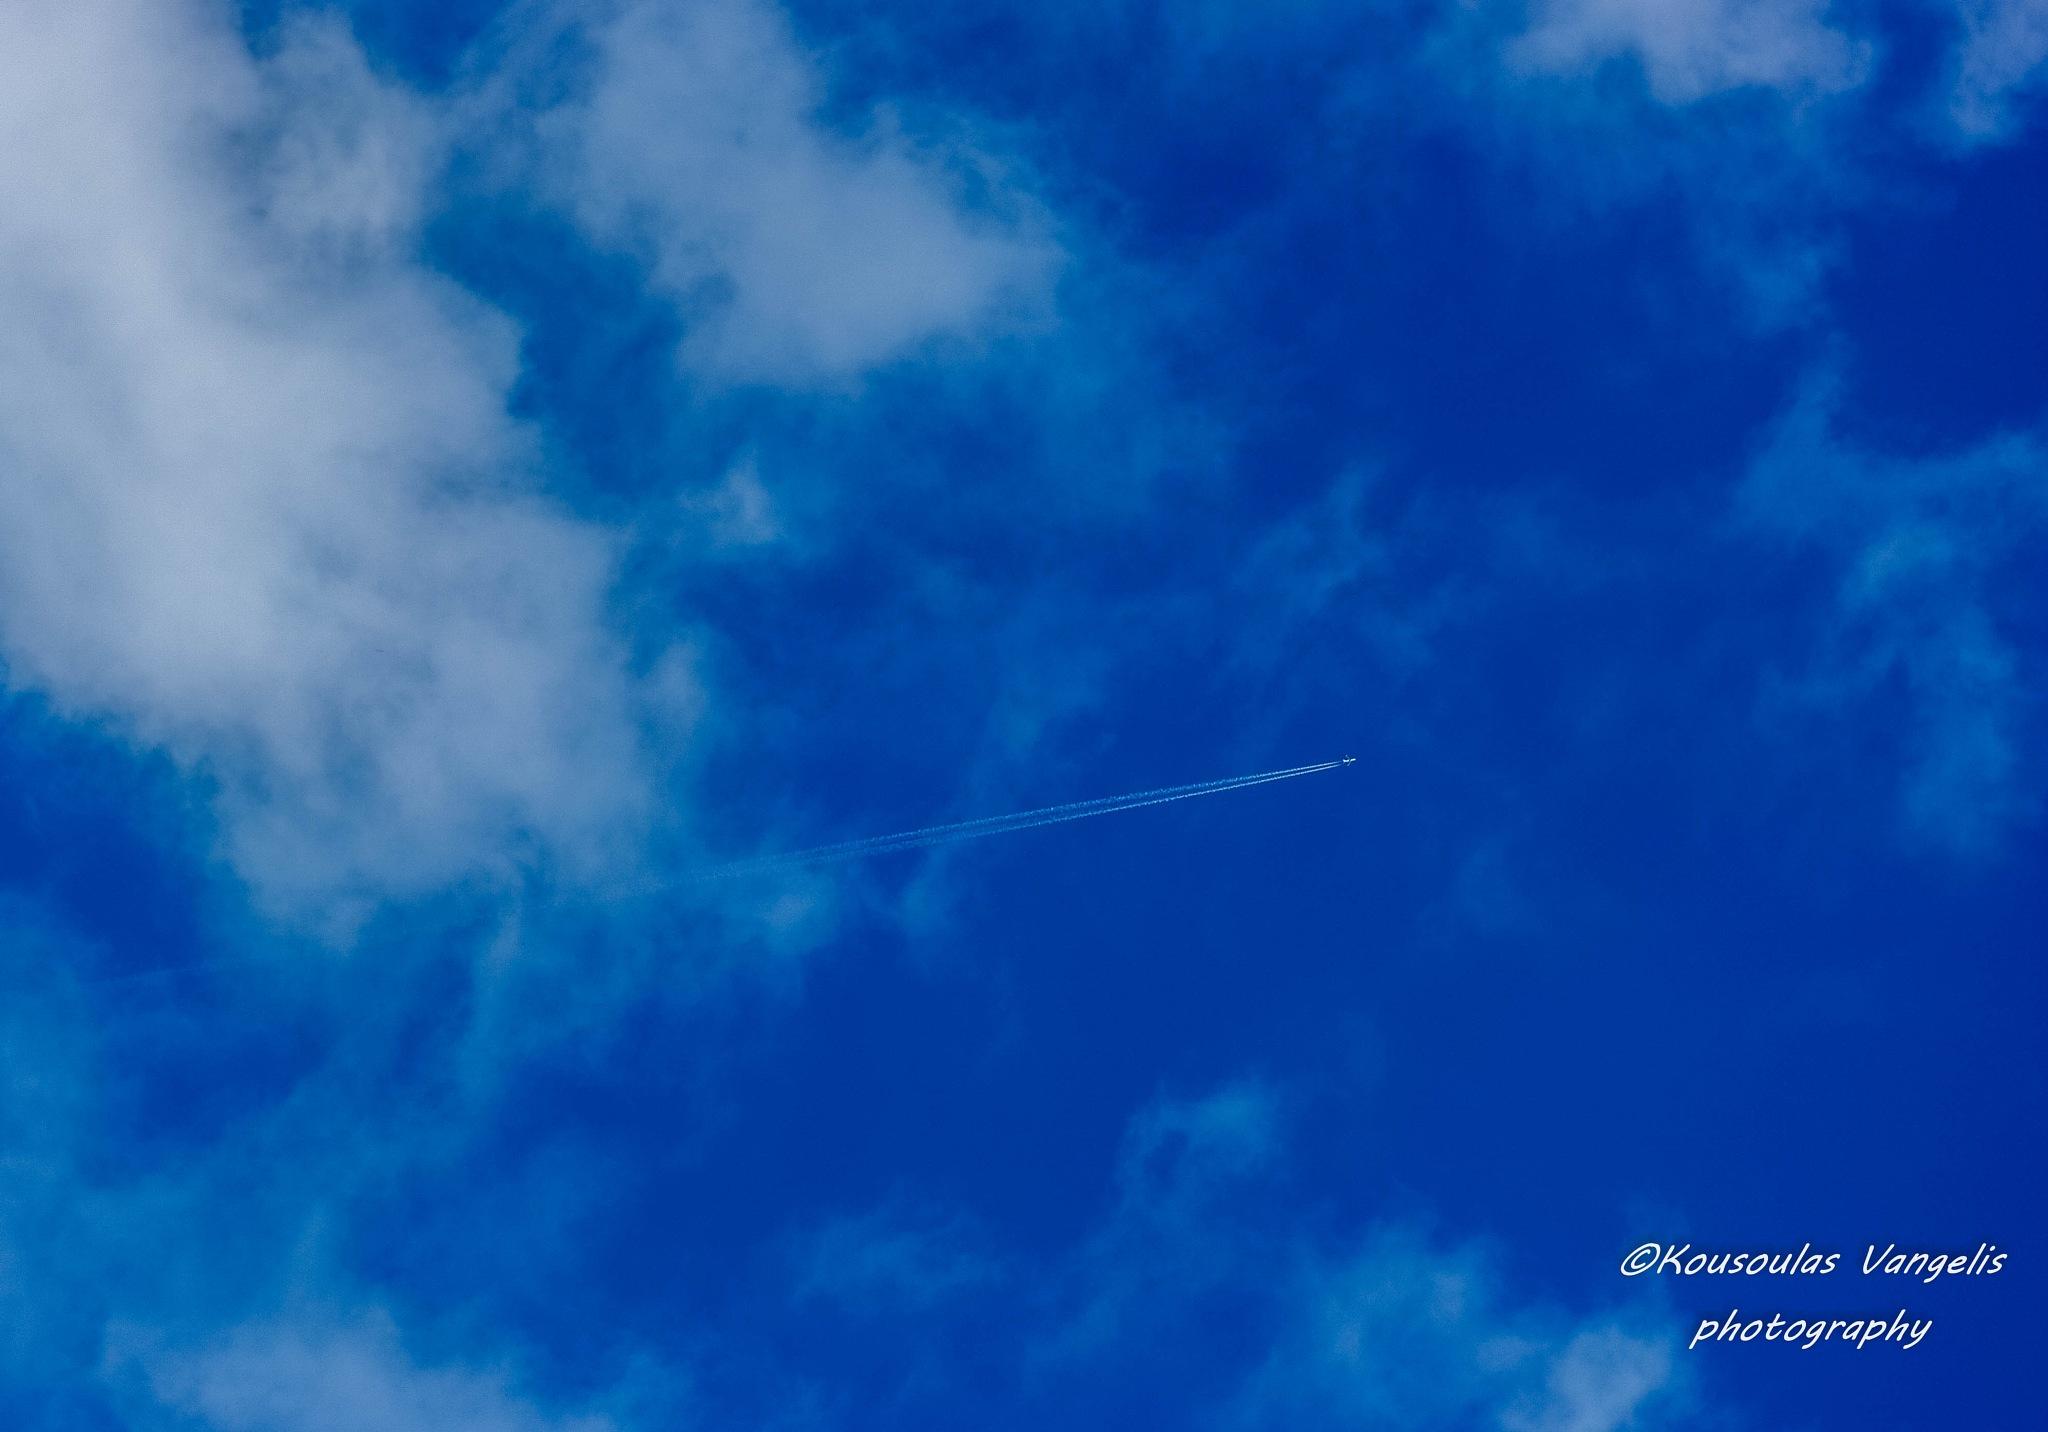 blue sky flight by kousoulas vangelis